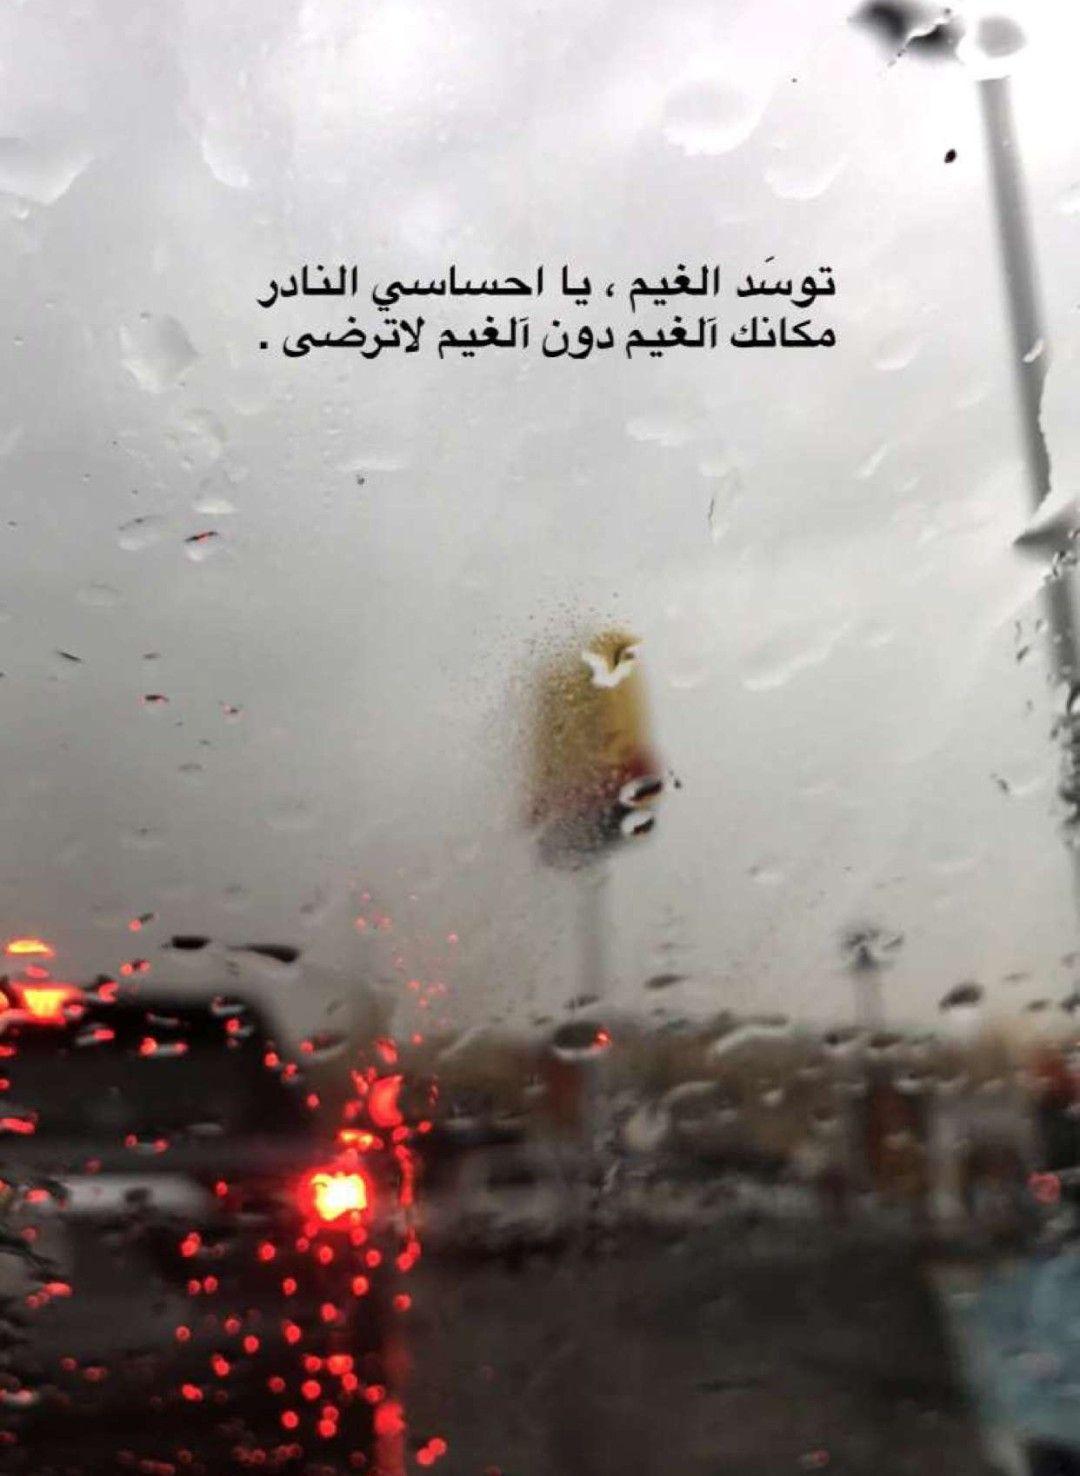 رمزيات عبارات عن المطر للواتس